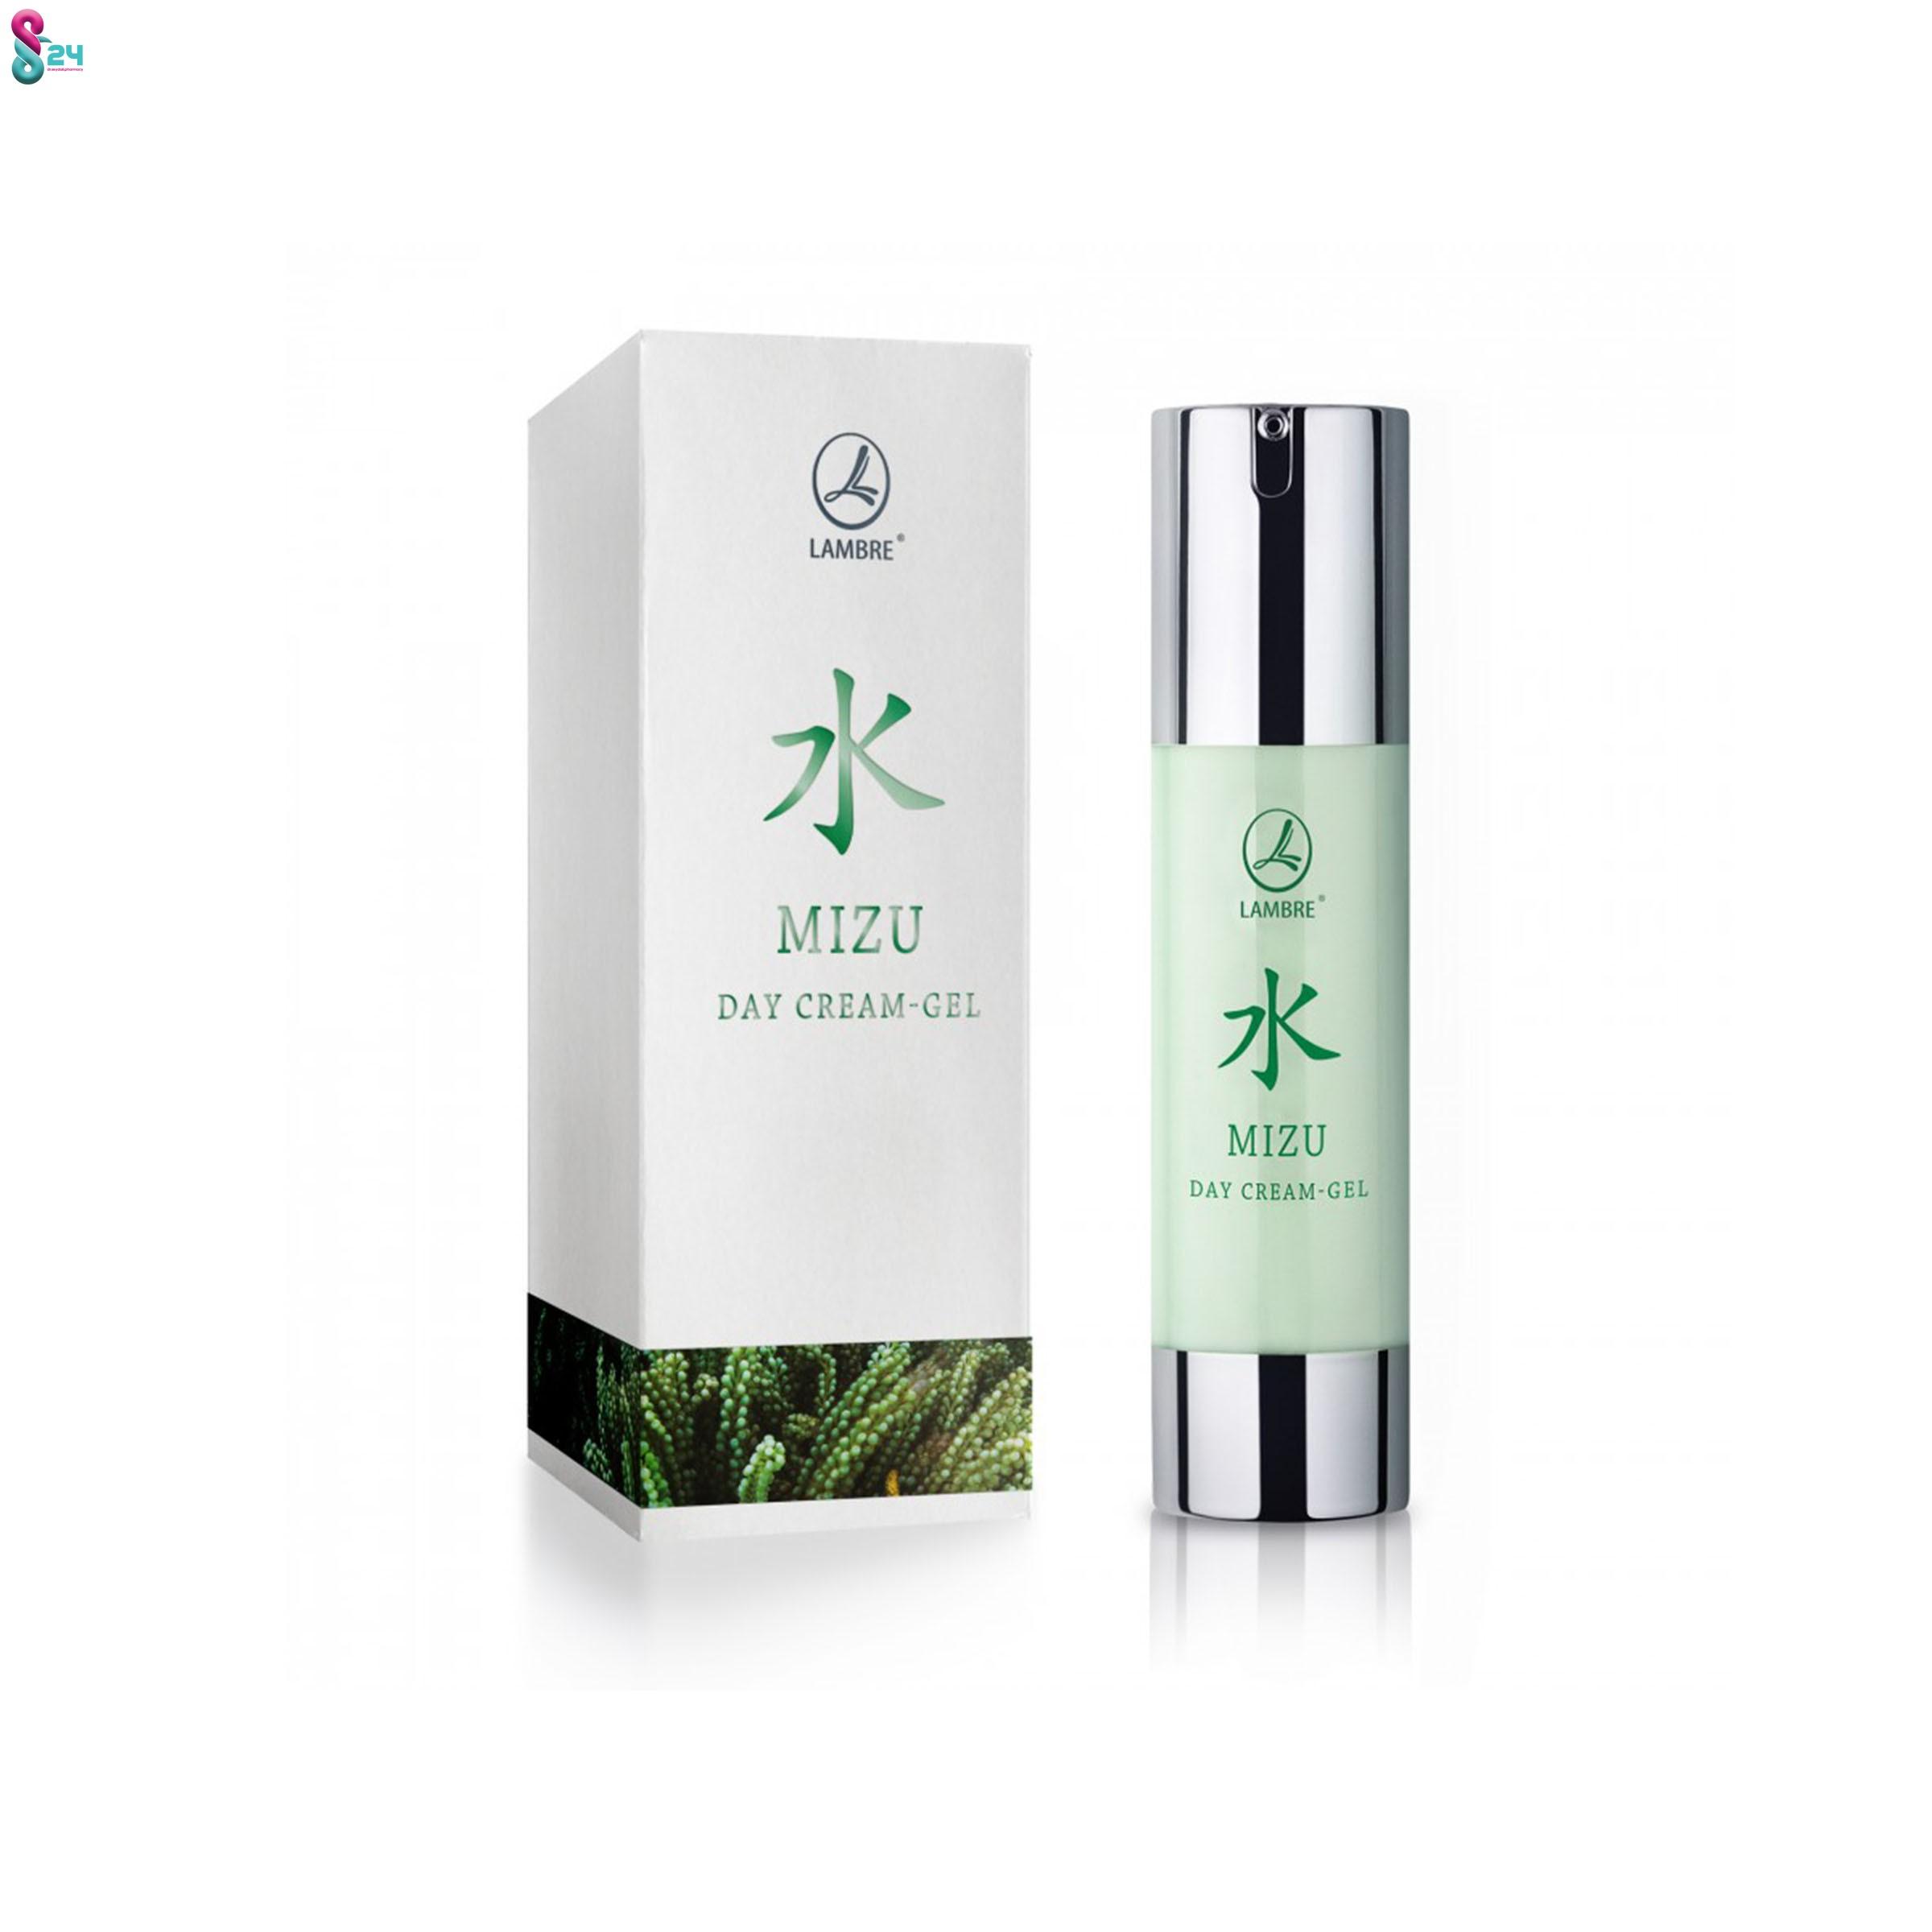 محلول پاک کننده آرایش و تمیزکننده پوست